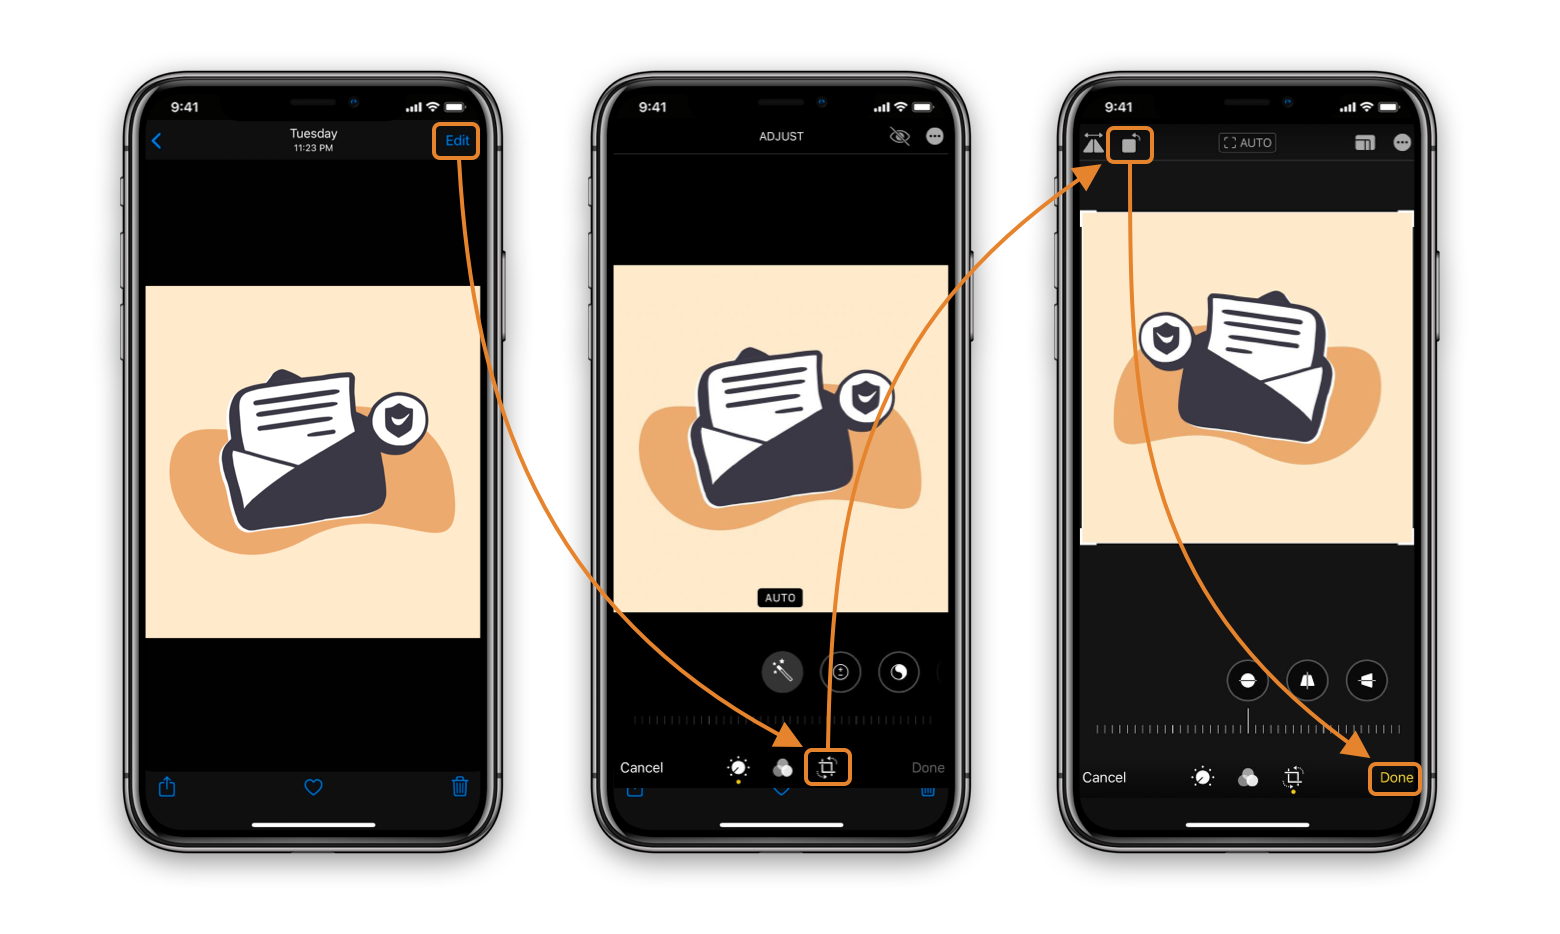 flip images iphone ipad